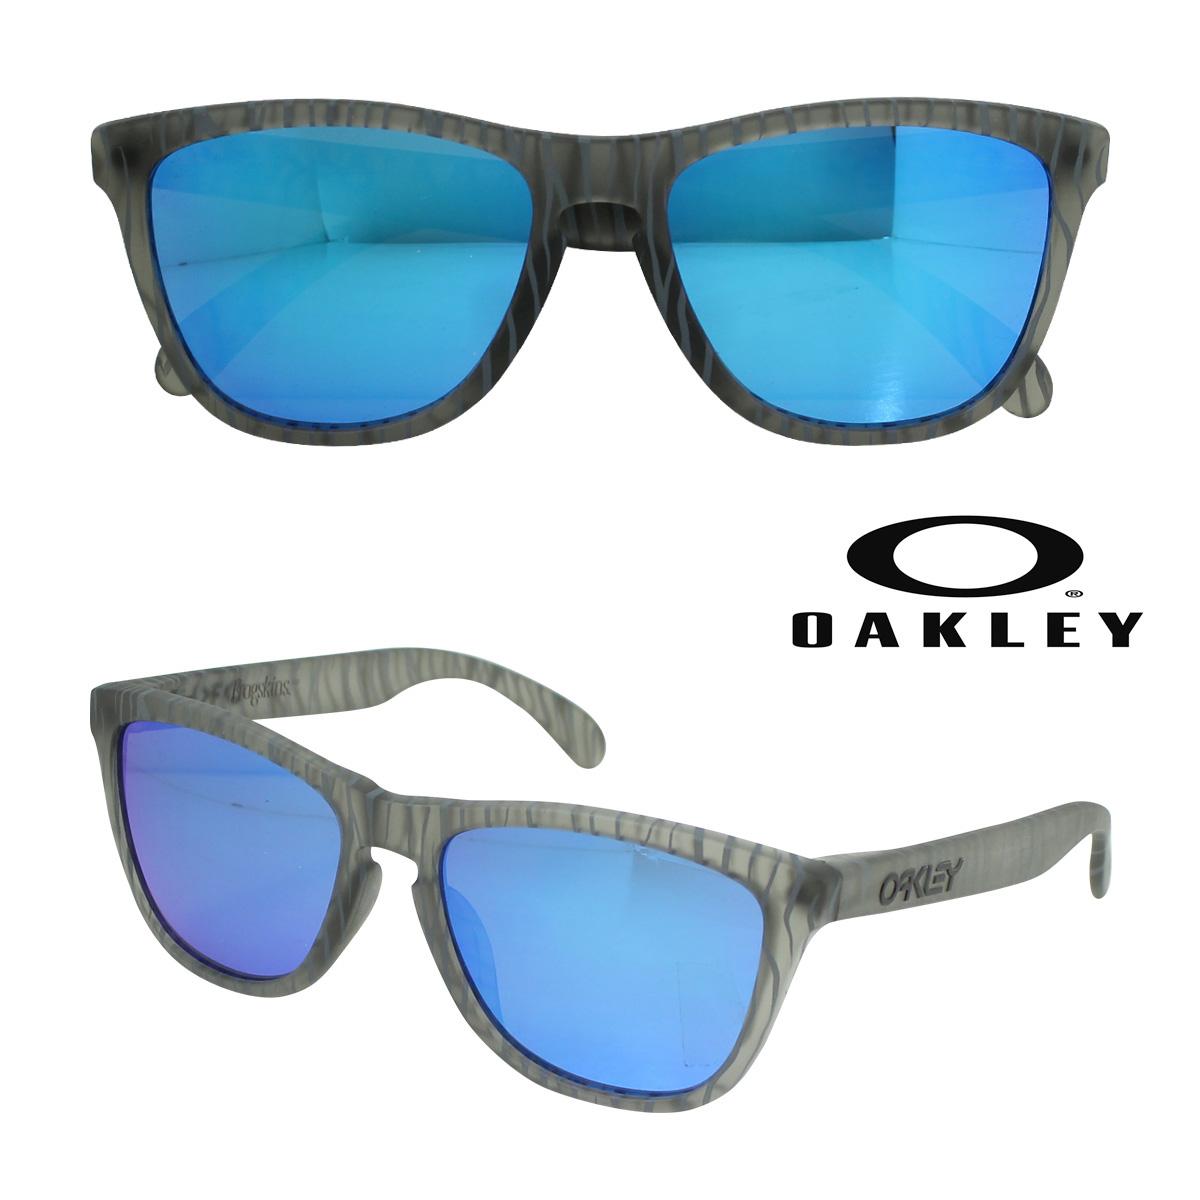 オークリー Oakley サングラス Frogskins Asian Fit フロッグスキン アジアンフィット OO9245-25 マットグレー メンズ レディース